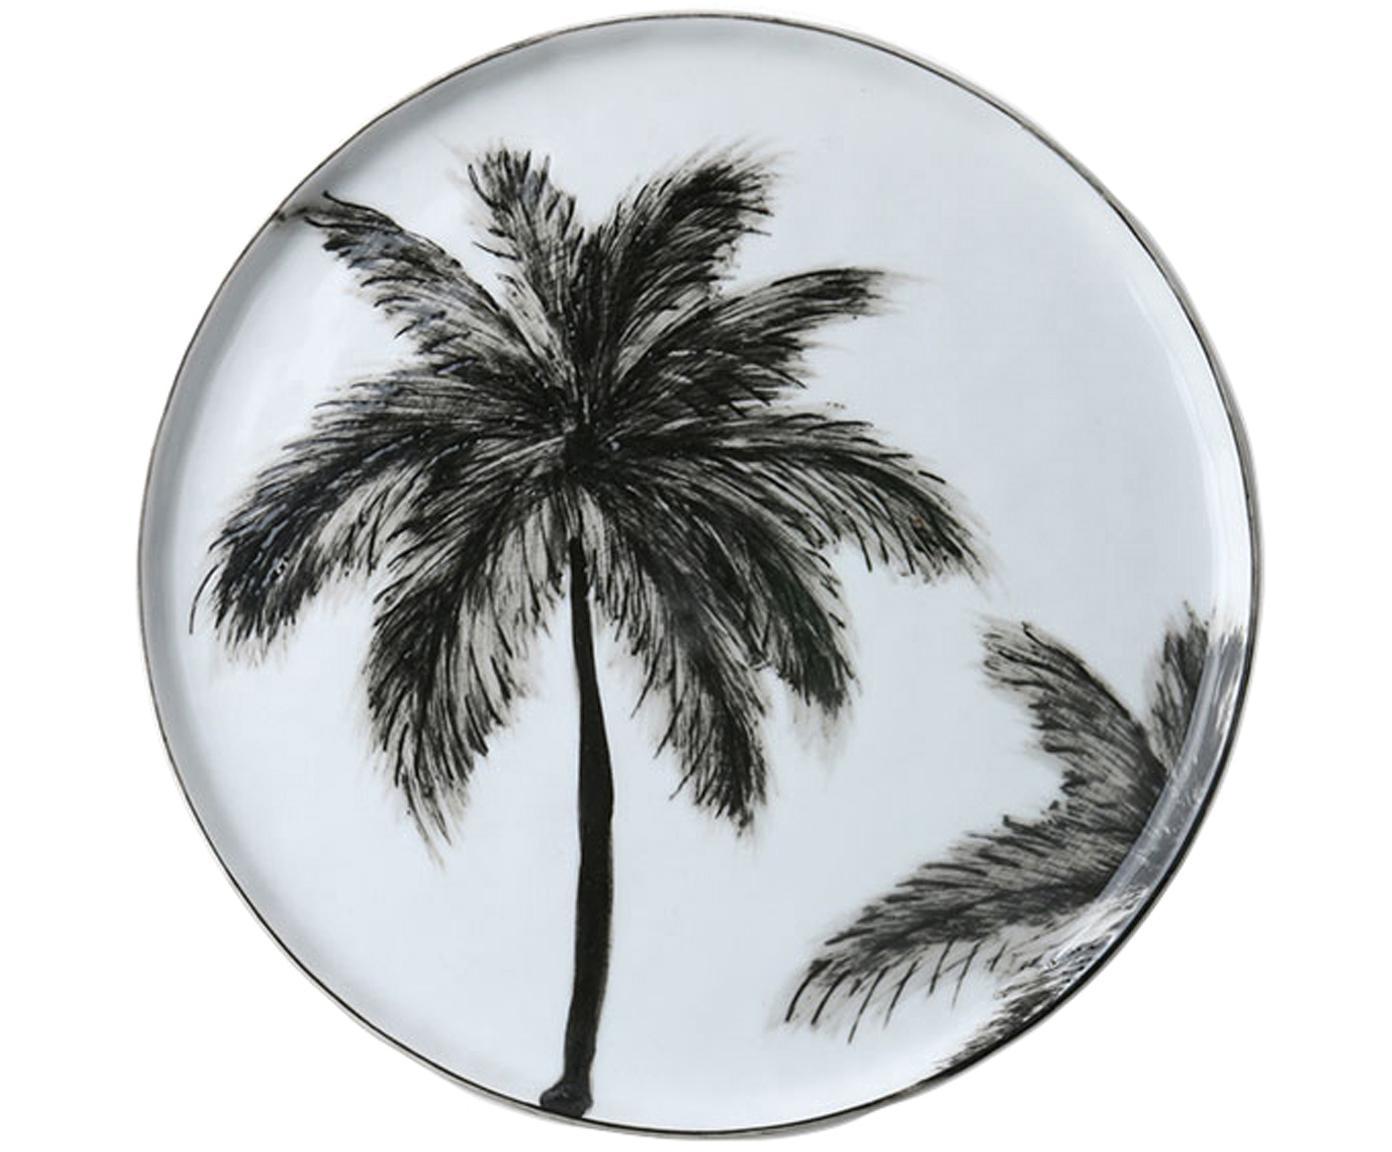 Ontbijtborden Palms, 2 stuks, Porselein, Zwart, wit, Ø 22 cm